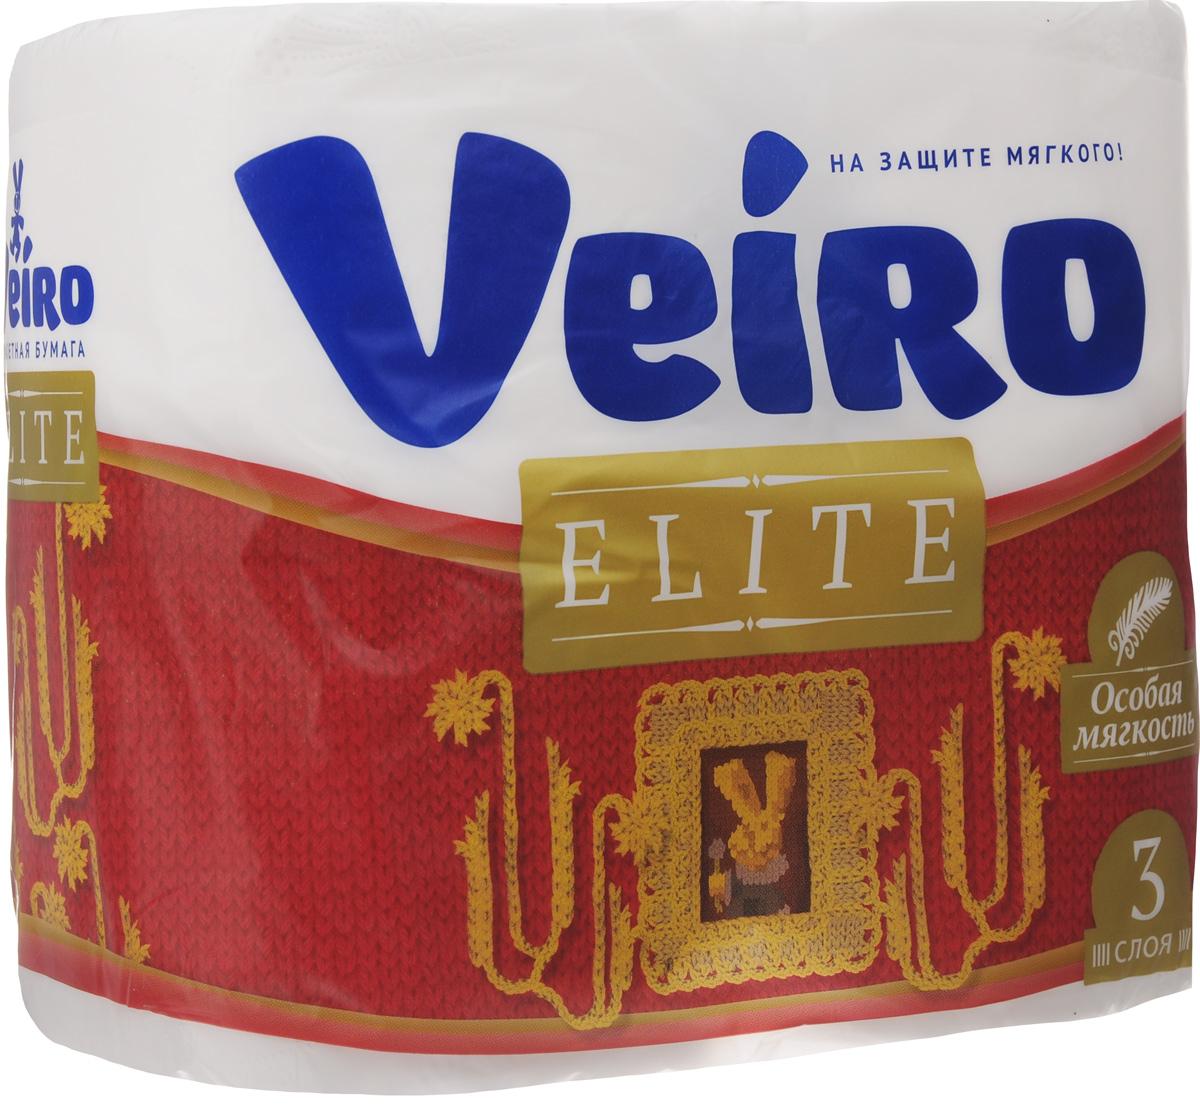 Бумага туалетная Veiro Elite, трехслойная, 4 рулона531-326Туалетная бумага Veiro Elite, выполненная из натуральной целлюлозы, обеспечивает превосходный комфорт и ощущение чистоты и свежести. Необыкновенно мягкая, но в тоже время прочная, бумага не расслаивается и отрывается строго по линии перфорации, не вызывает аллергии и раздражения. Трехслойные листы имеют рисунок с перфорацией.Количество слоев: 3. Размер листа: 12,5 х 9,5 см. Длина намотки: 20 м. Состав: 100% целлюлоза.